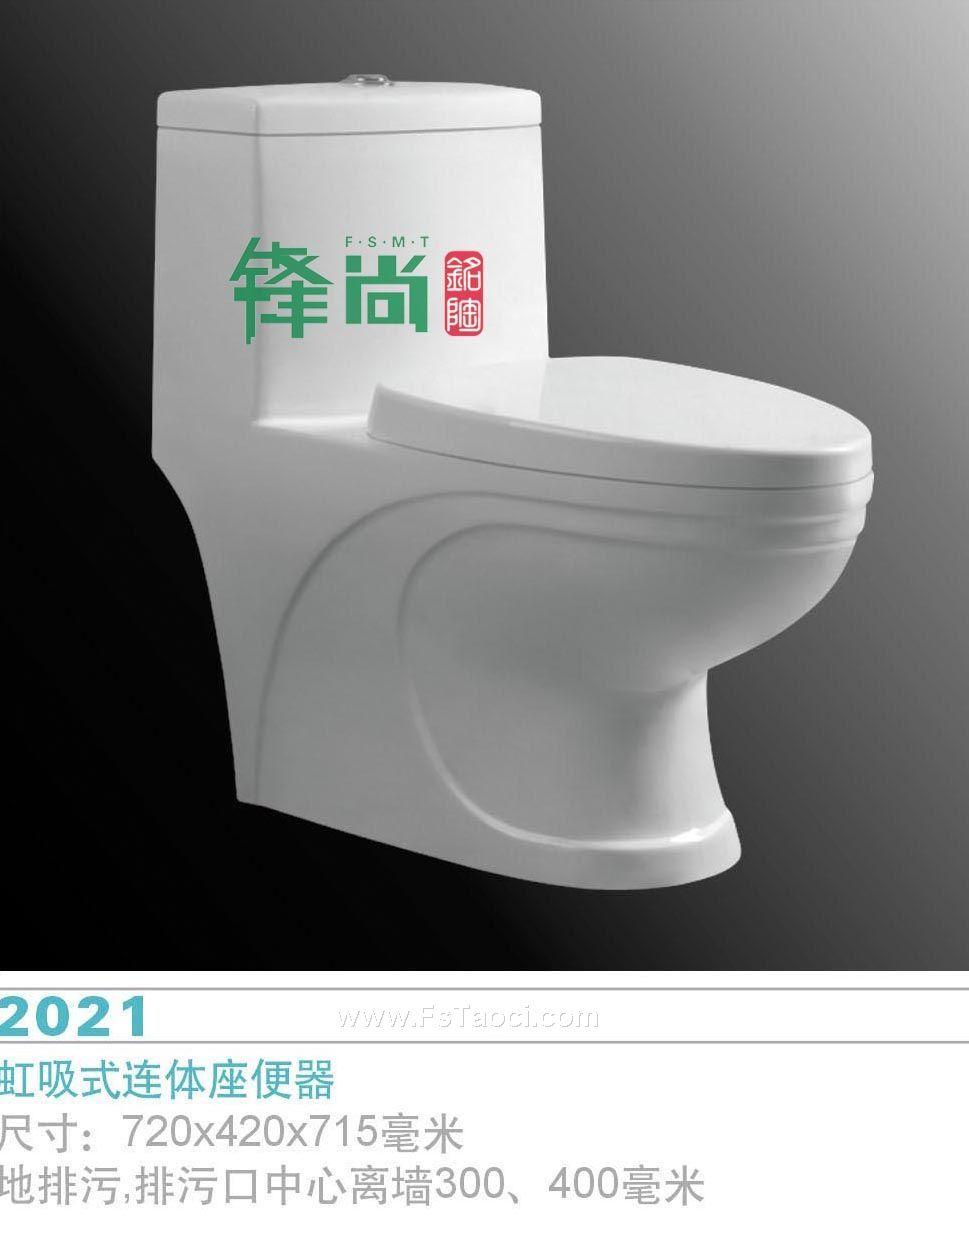 潮州卫浴厂家批发供卫浴洁具,座便器